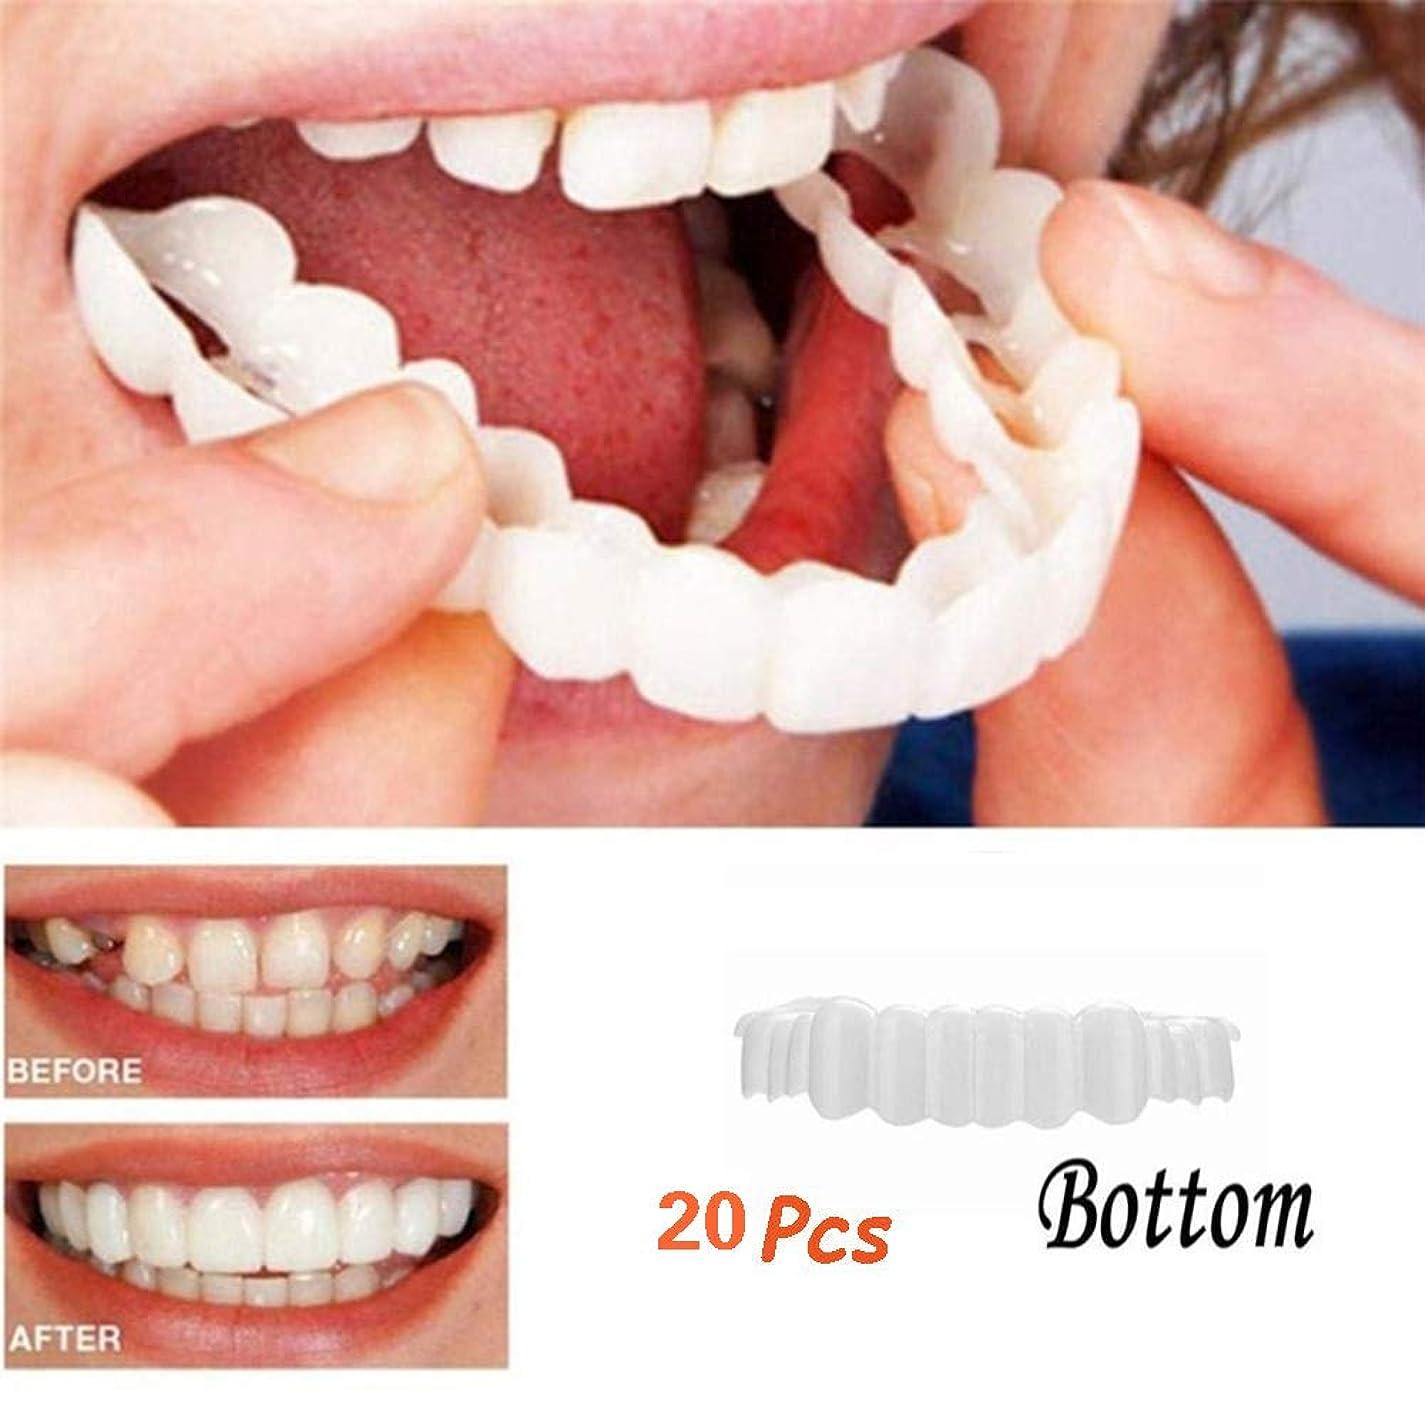 自分のために会社米ドル20ピースボトム化粧品歯コンフォートフィットフレックス化粧品歯コーブ義歯歯のホワイトニングスナップオンインスタント笑顔サイズフィット